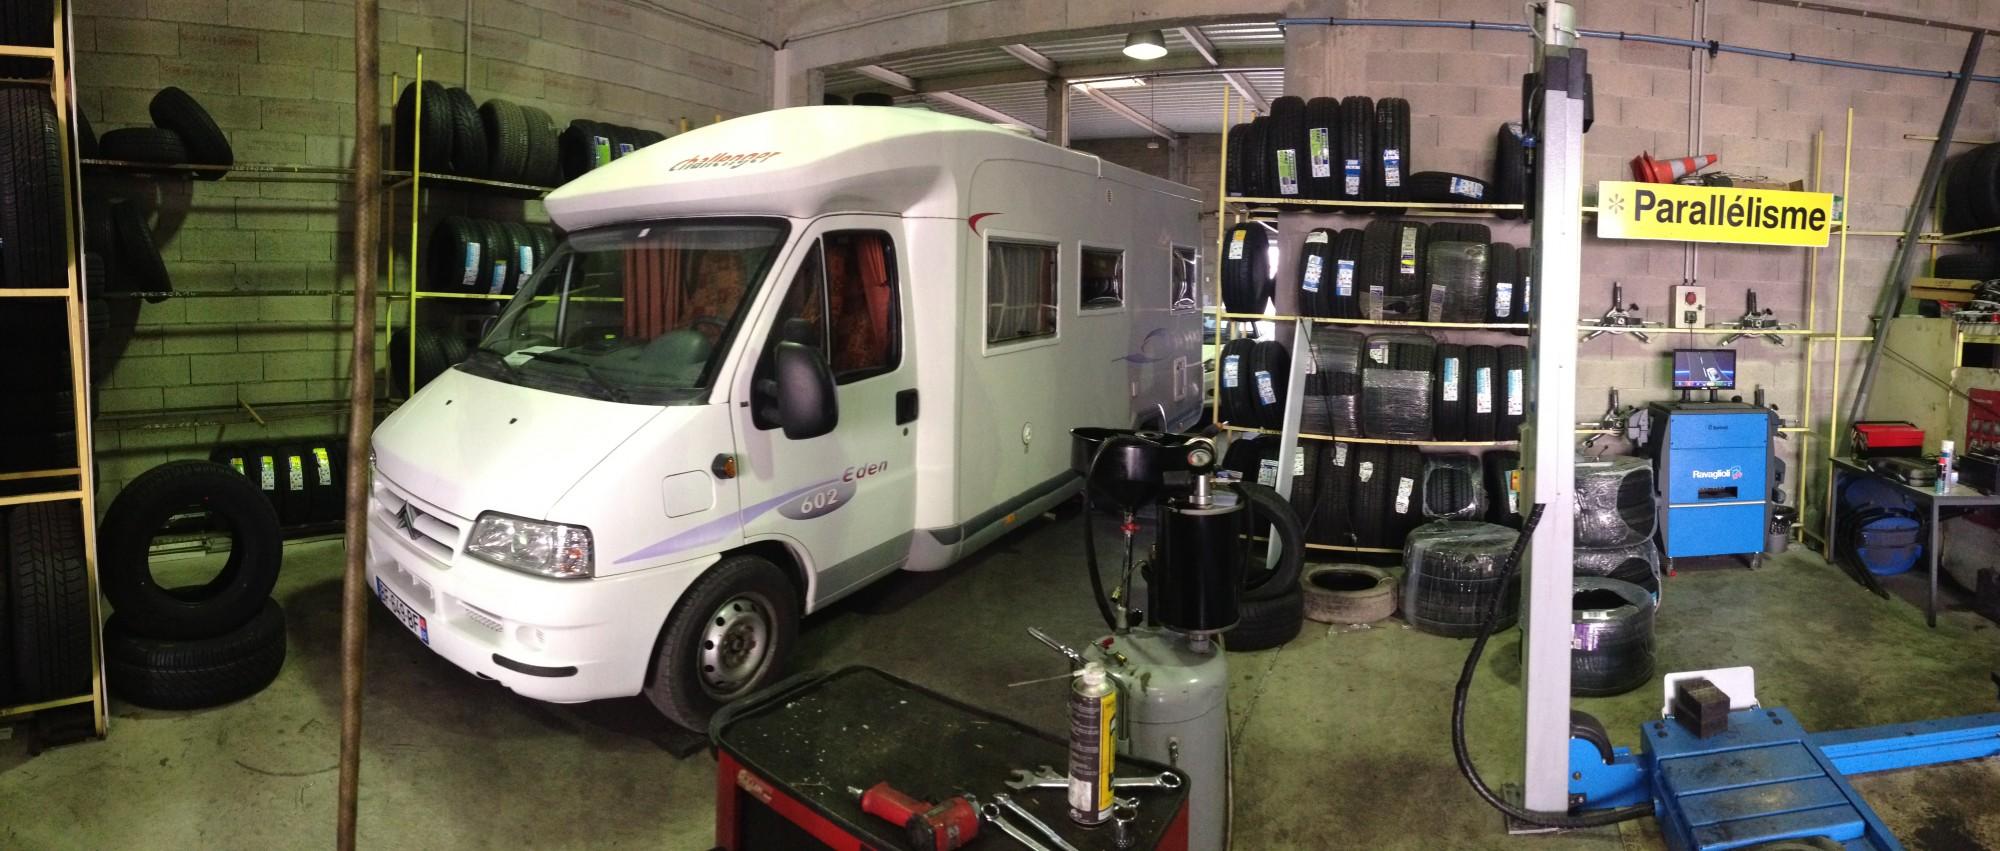 pneu sp cial camping car pr s de montpellier vente de pneus neufs et d 39 occasion montpellier. Black Bedroom Furniture Sets. Home Design Ideas